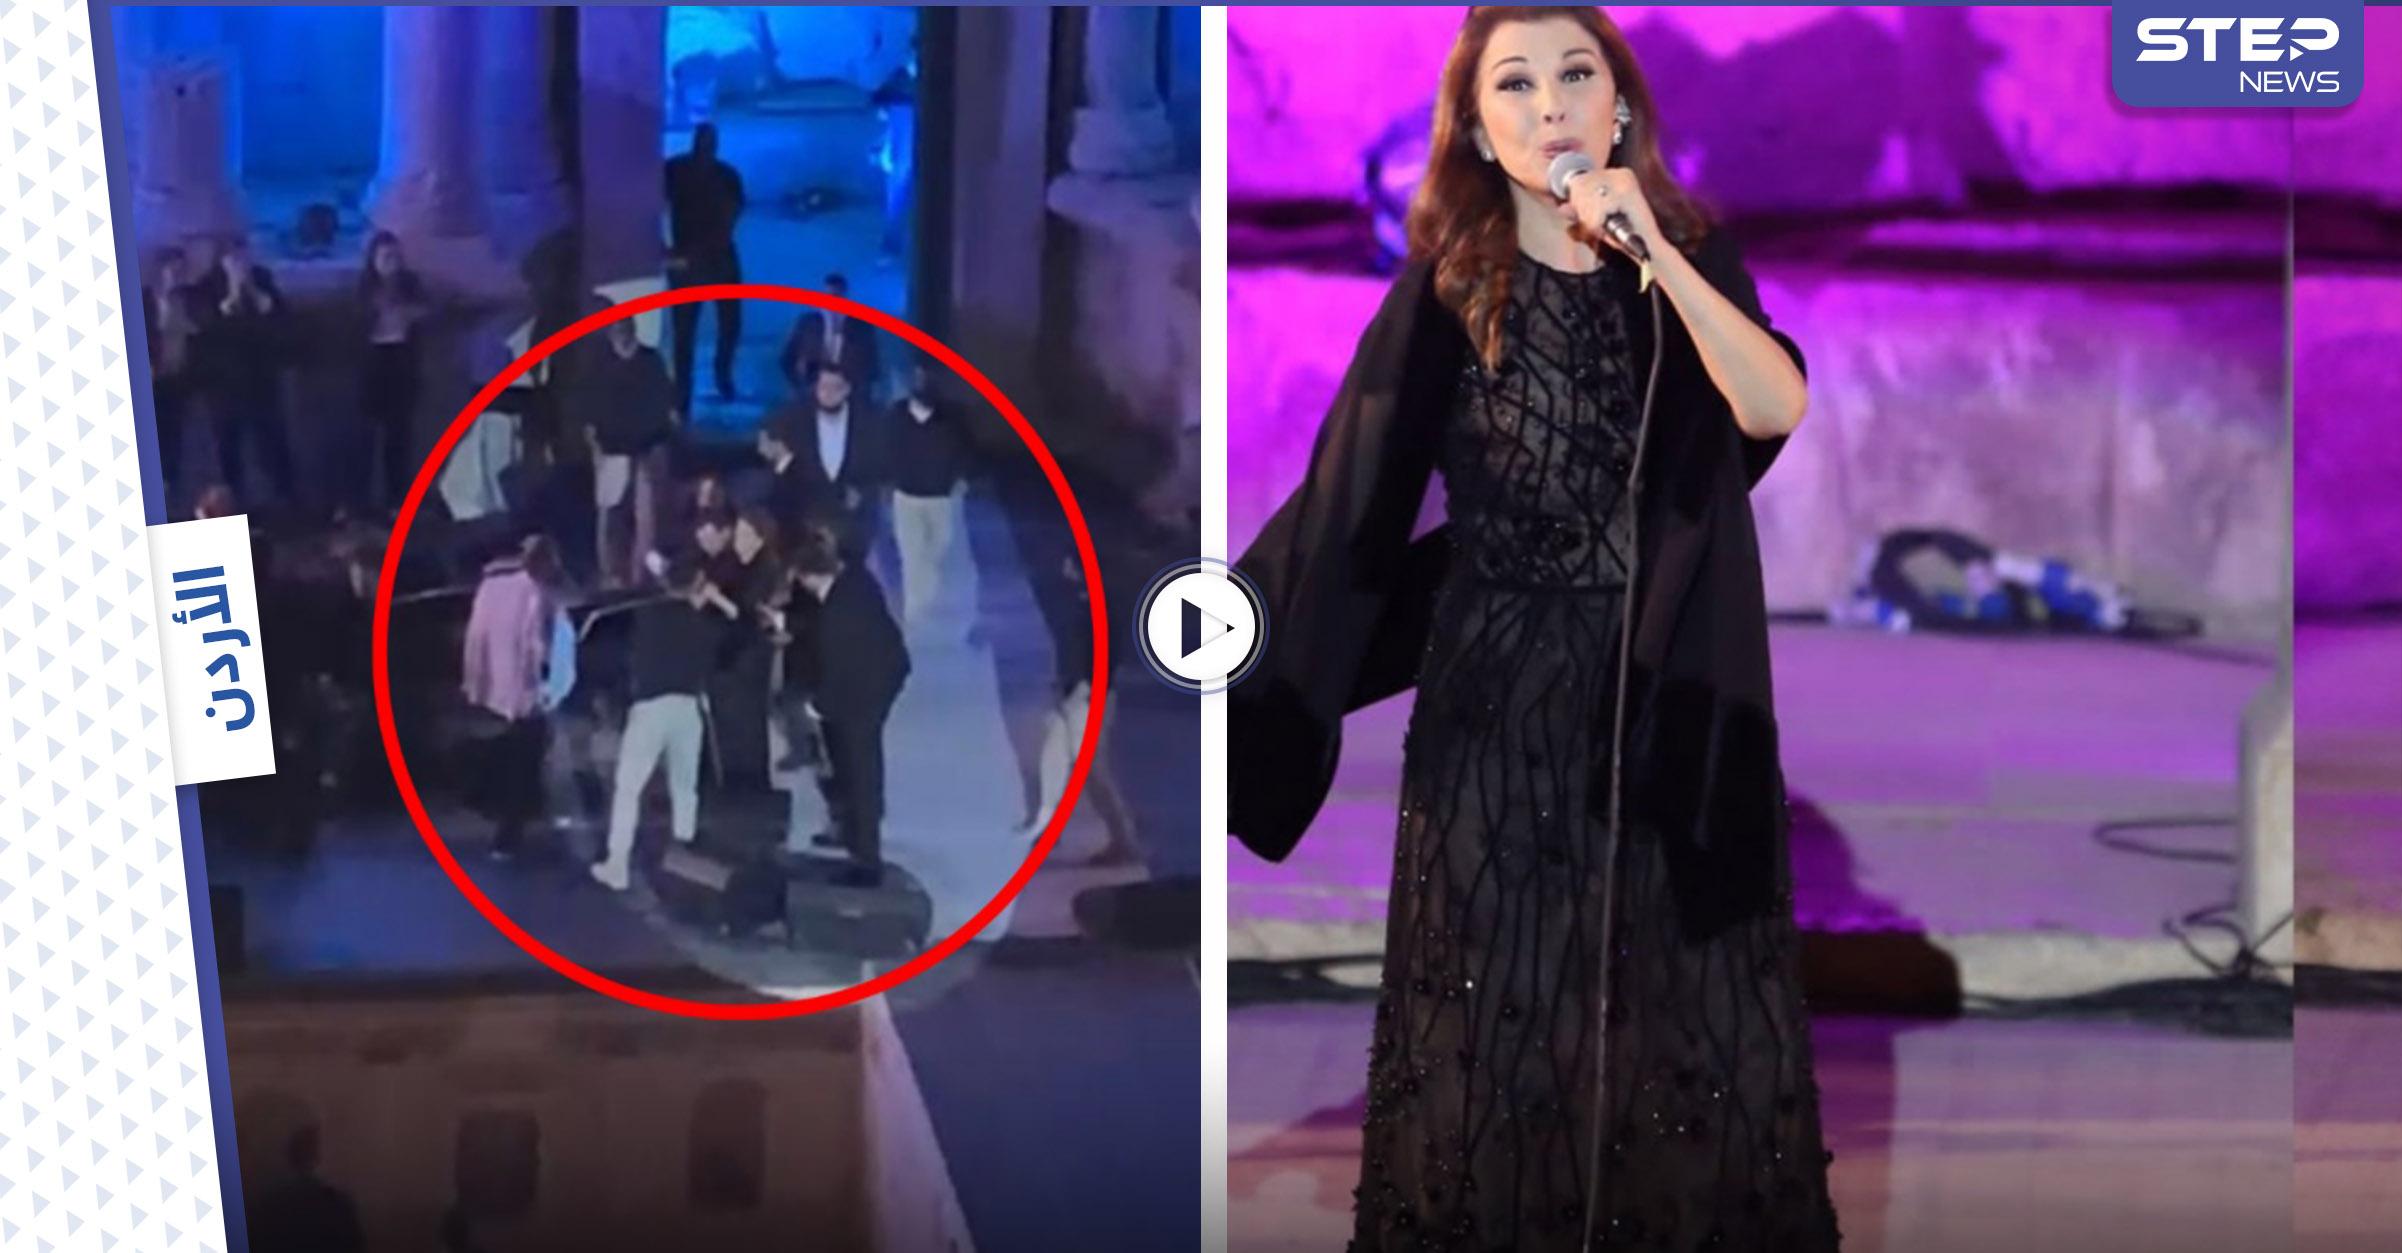 بالفيديو|| شاهد كيف احتضن الموسيقيين والحرس الشخصي ماجدة الرومي لتفادي سقوطها على المسرح وهي تغني بمهرجان جرش في الأردن